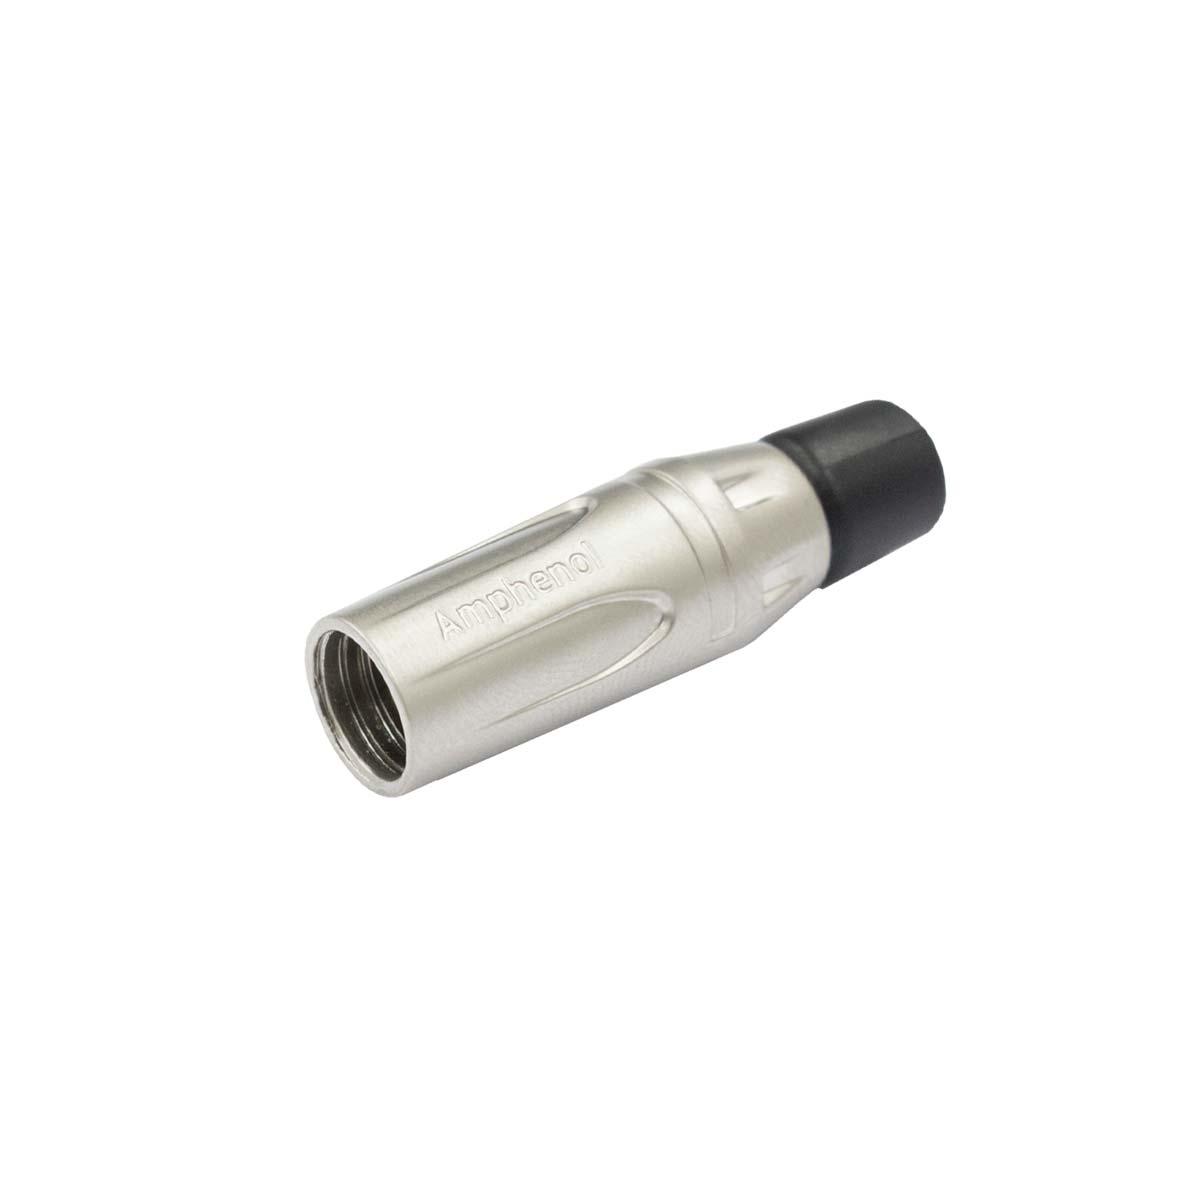 Conector P2 Macho Estéreo - KS 3 P Amphenol